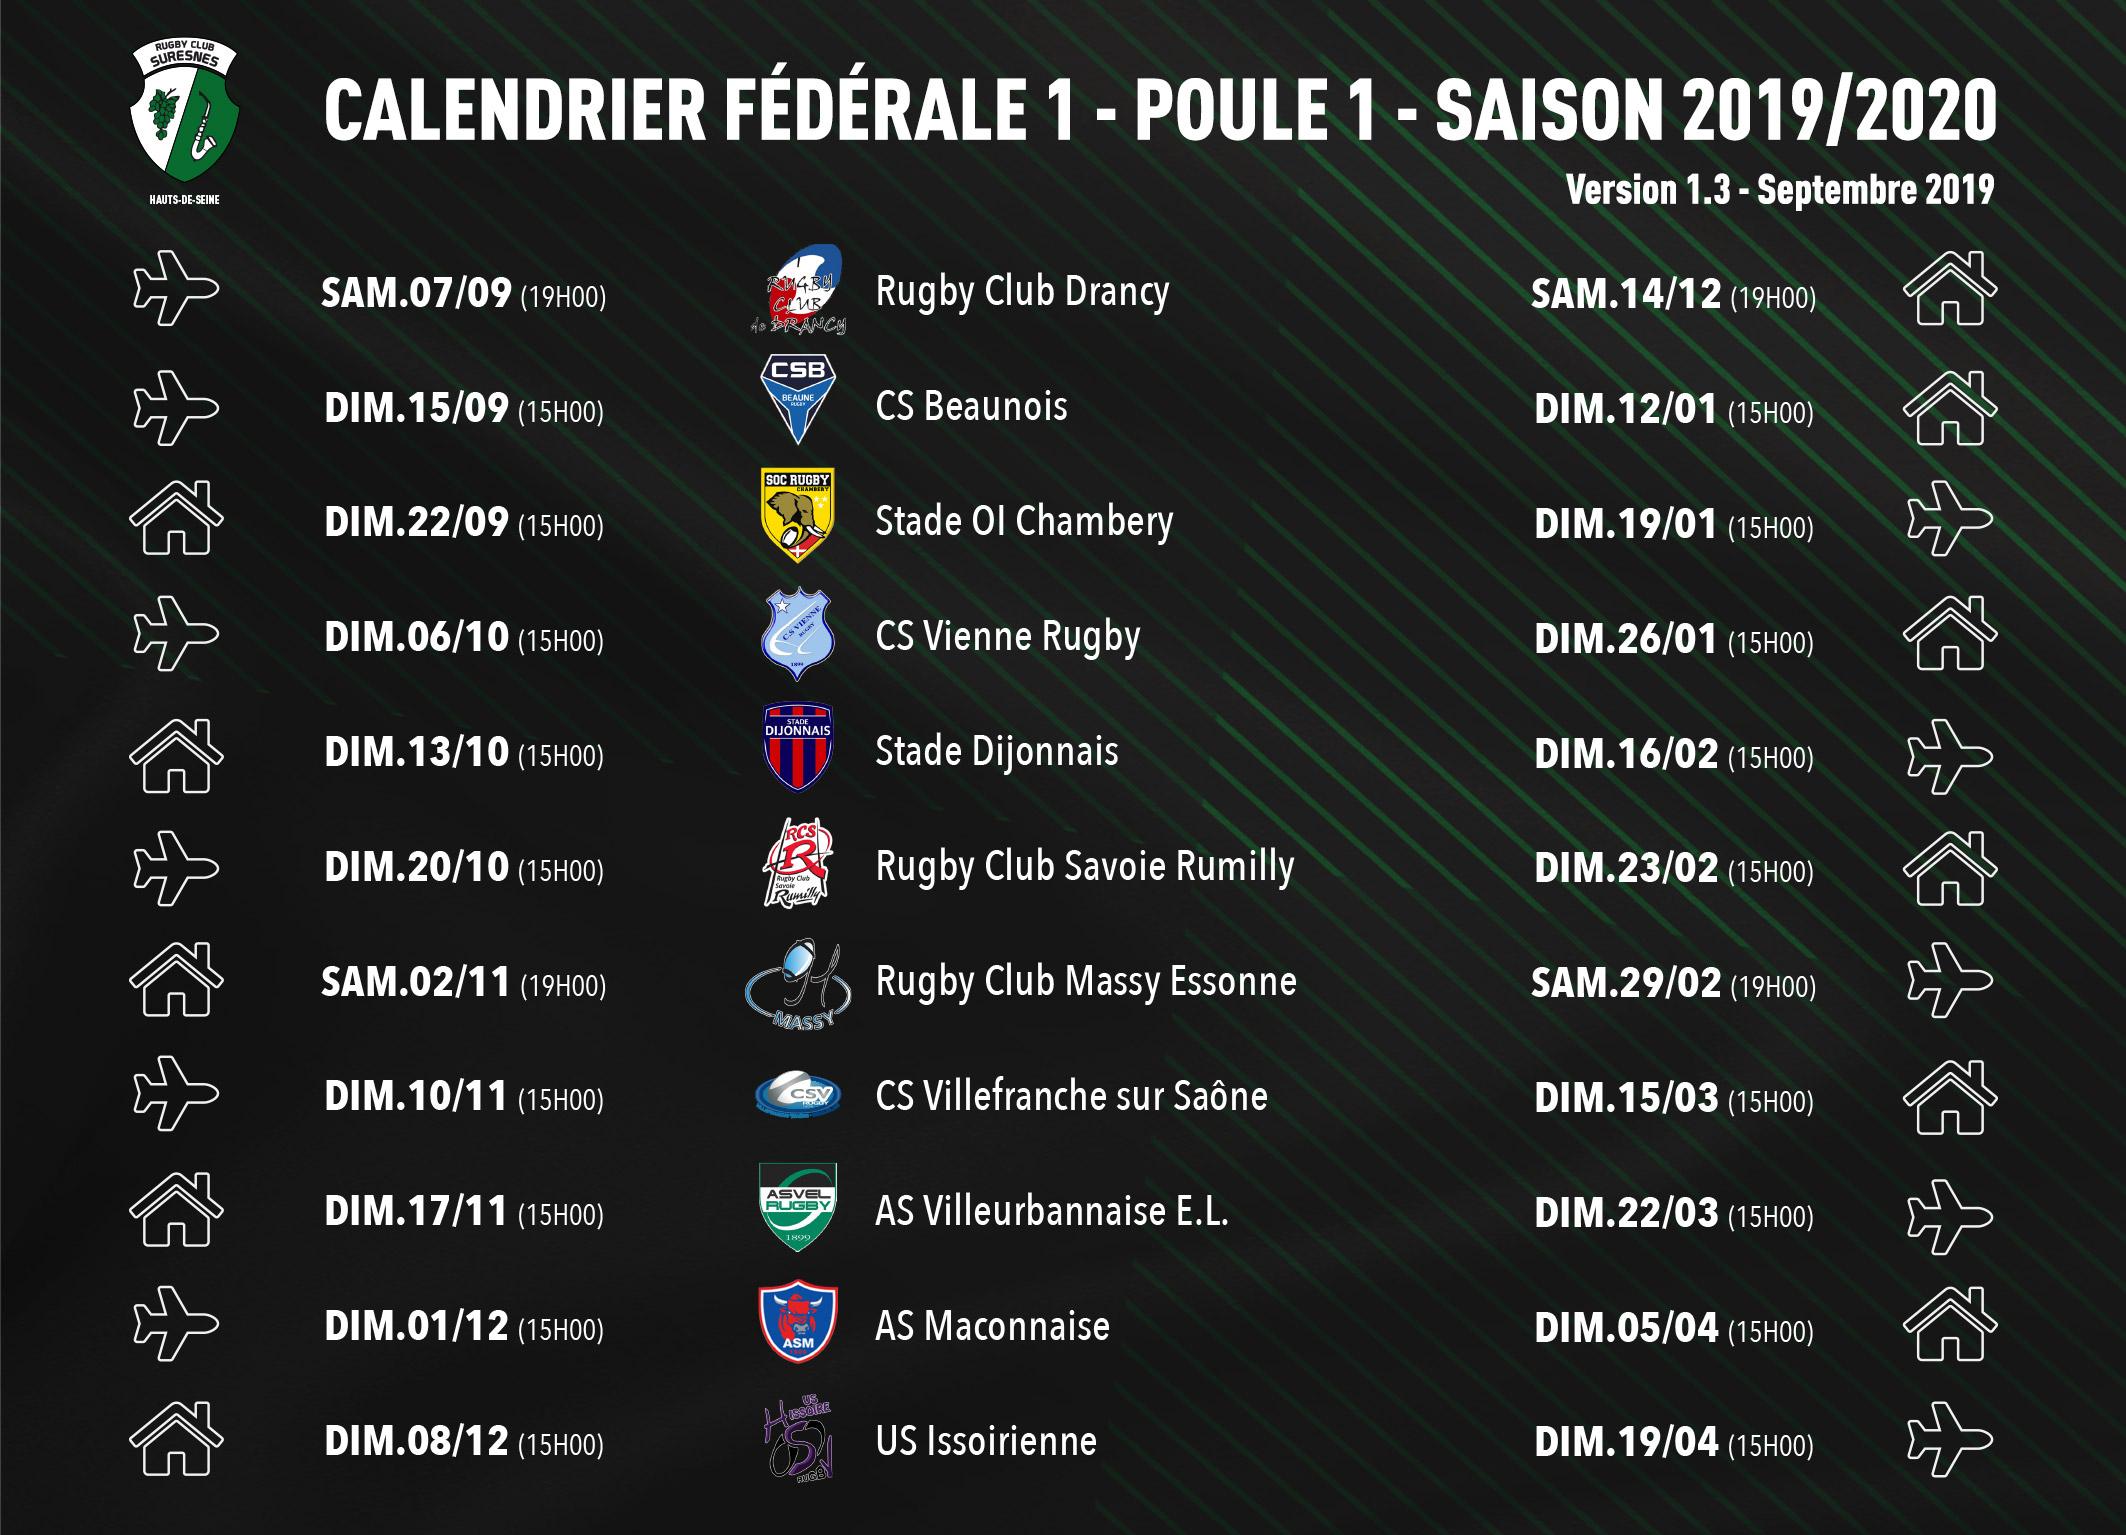 Calendrier Rugby Club Suresnes - Fédérale 1 - Poule 1 - Saison 2019-2020